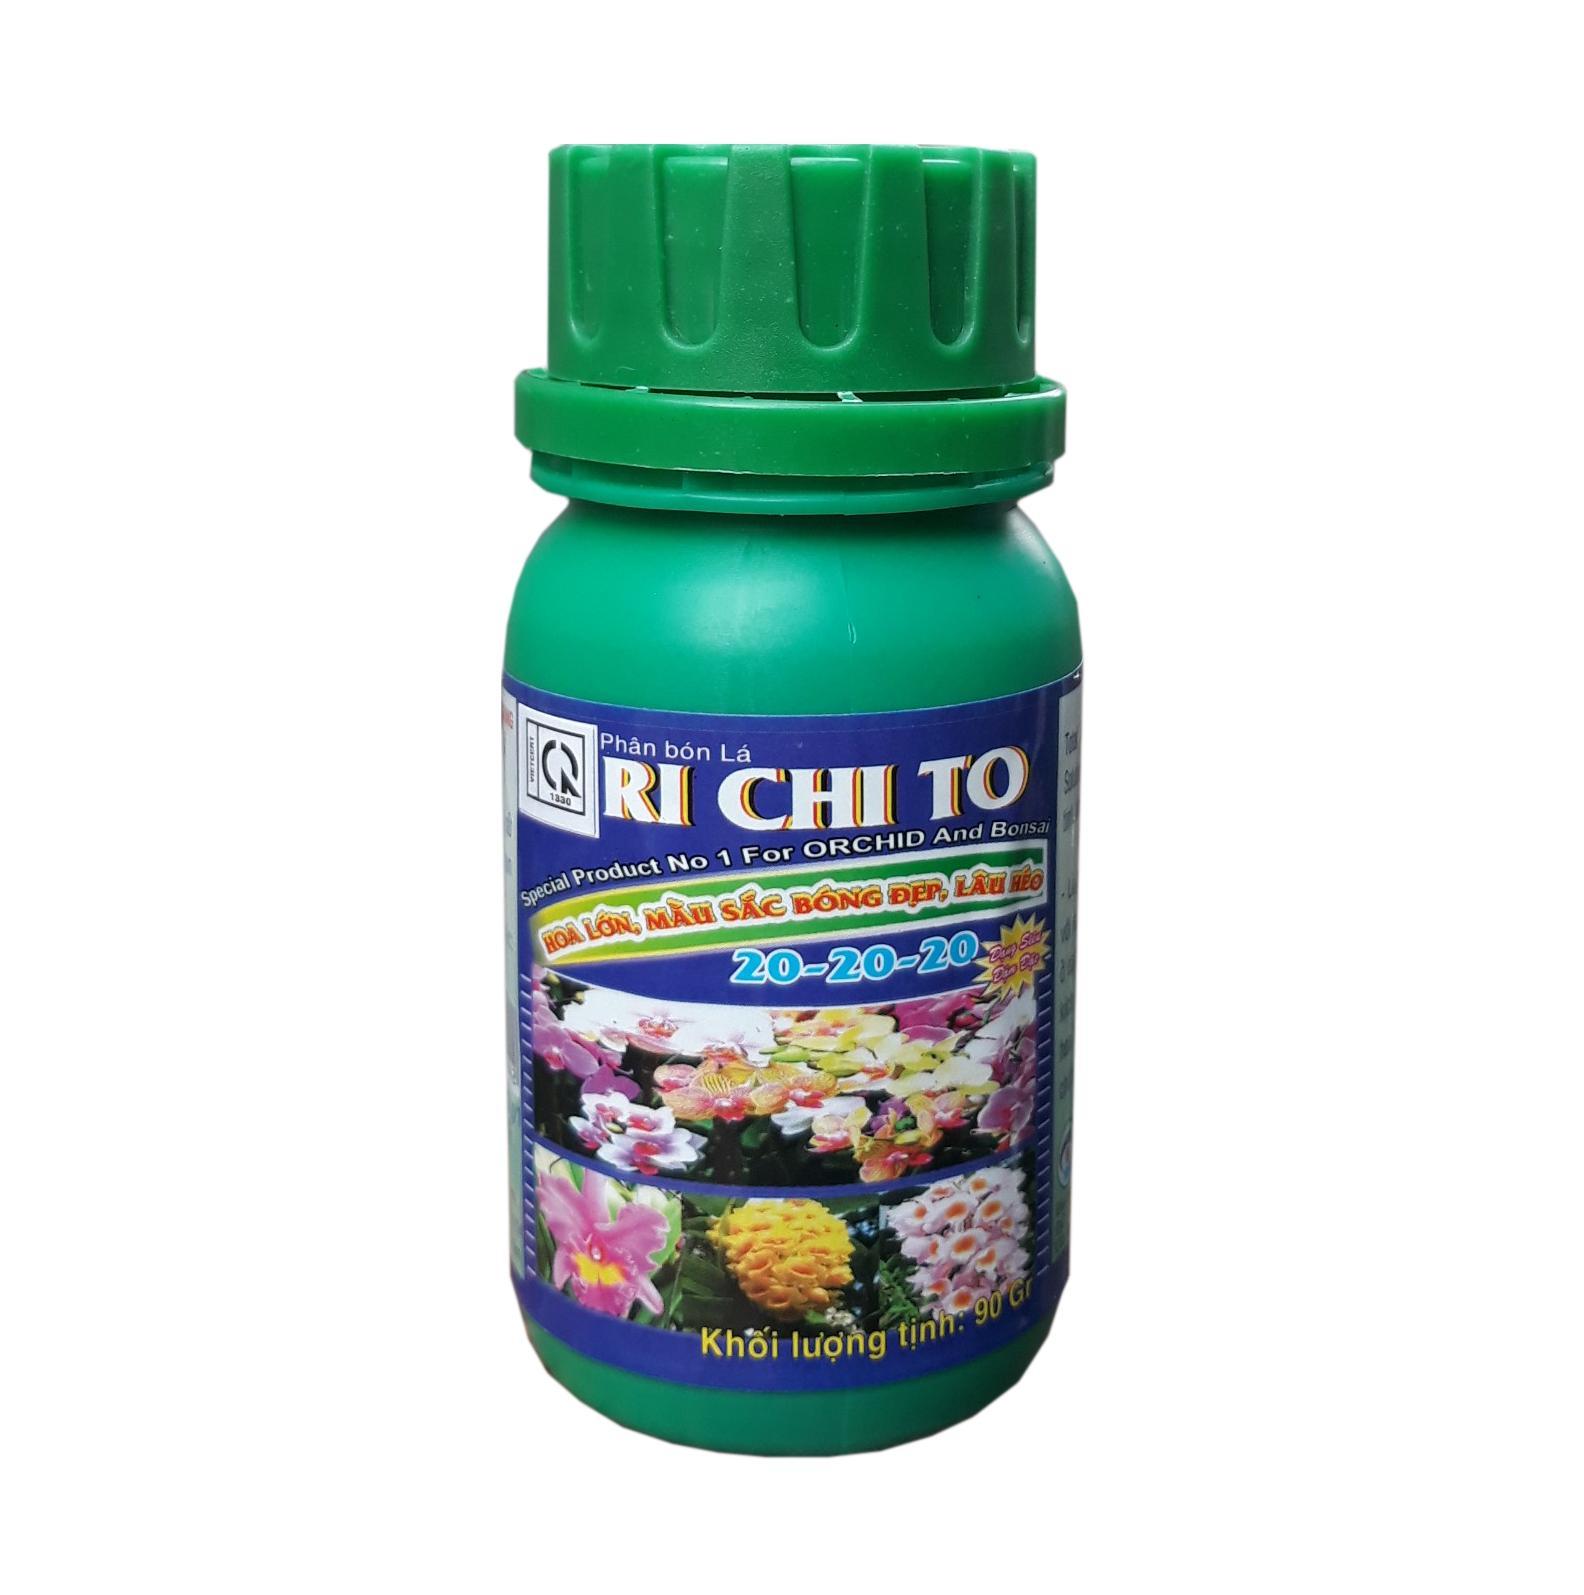 Hình ảnh Phân bón lá Richito 20-20-20 chuyên phong lan (90g/hủ)